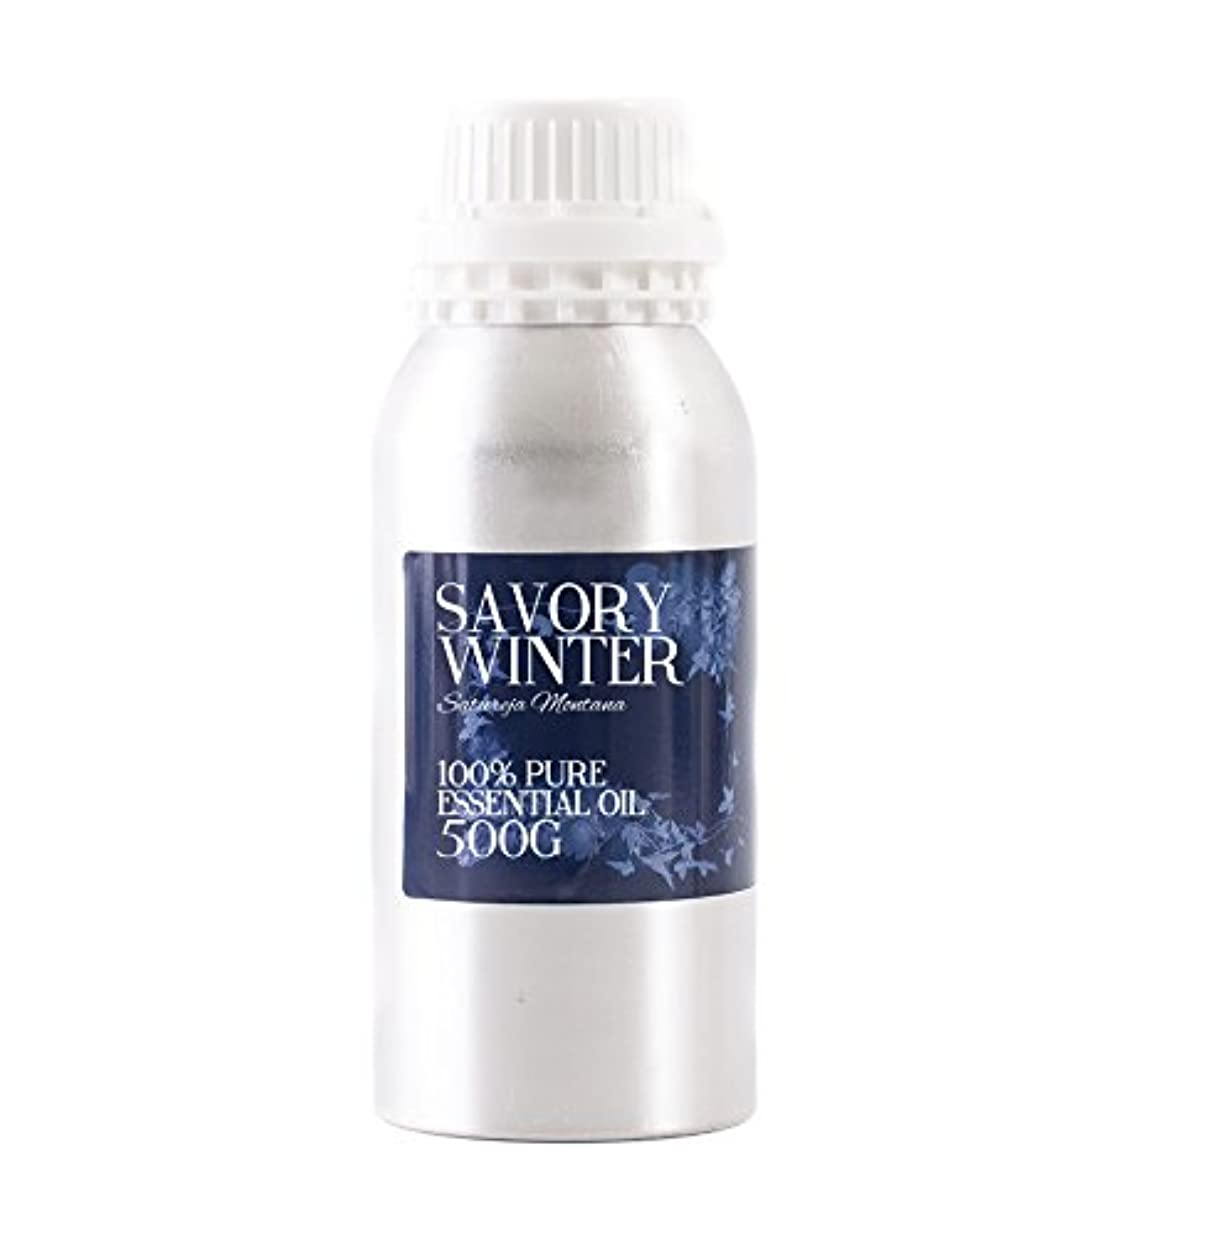 主権者隔離する用心深いMystic Moments | Savory Winter Essential Oil - 500g - 100% Pure